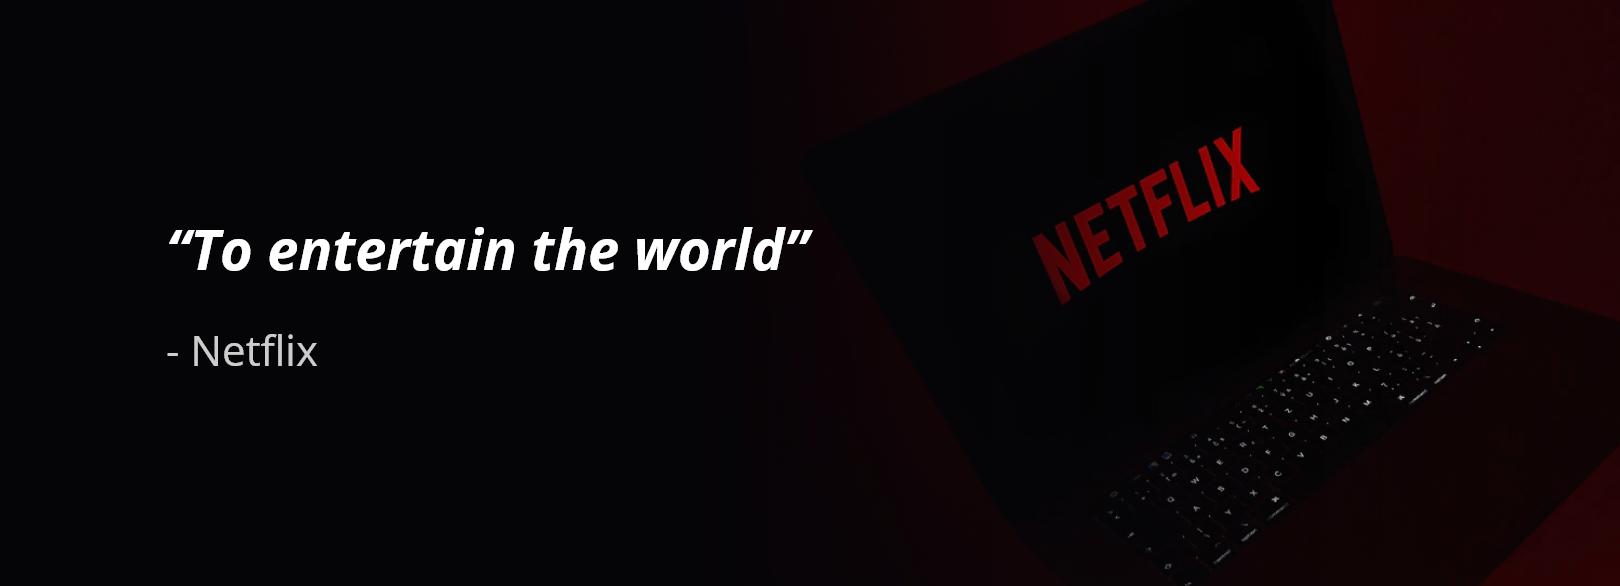 Netflix business purpose